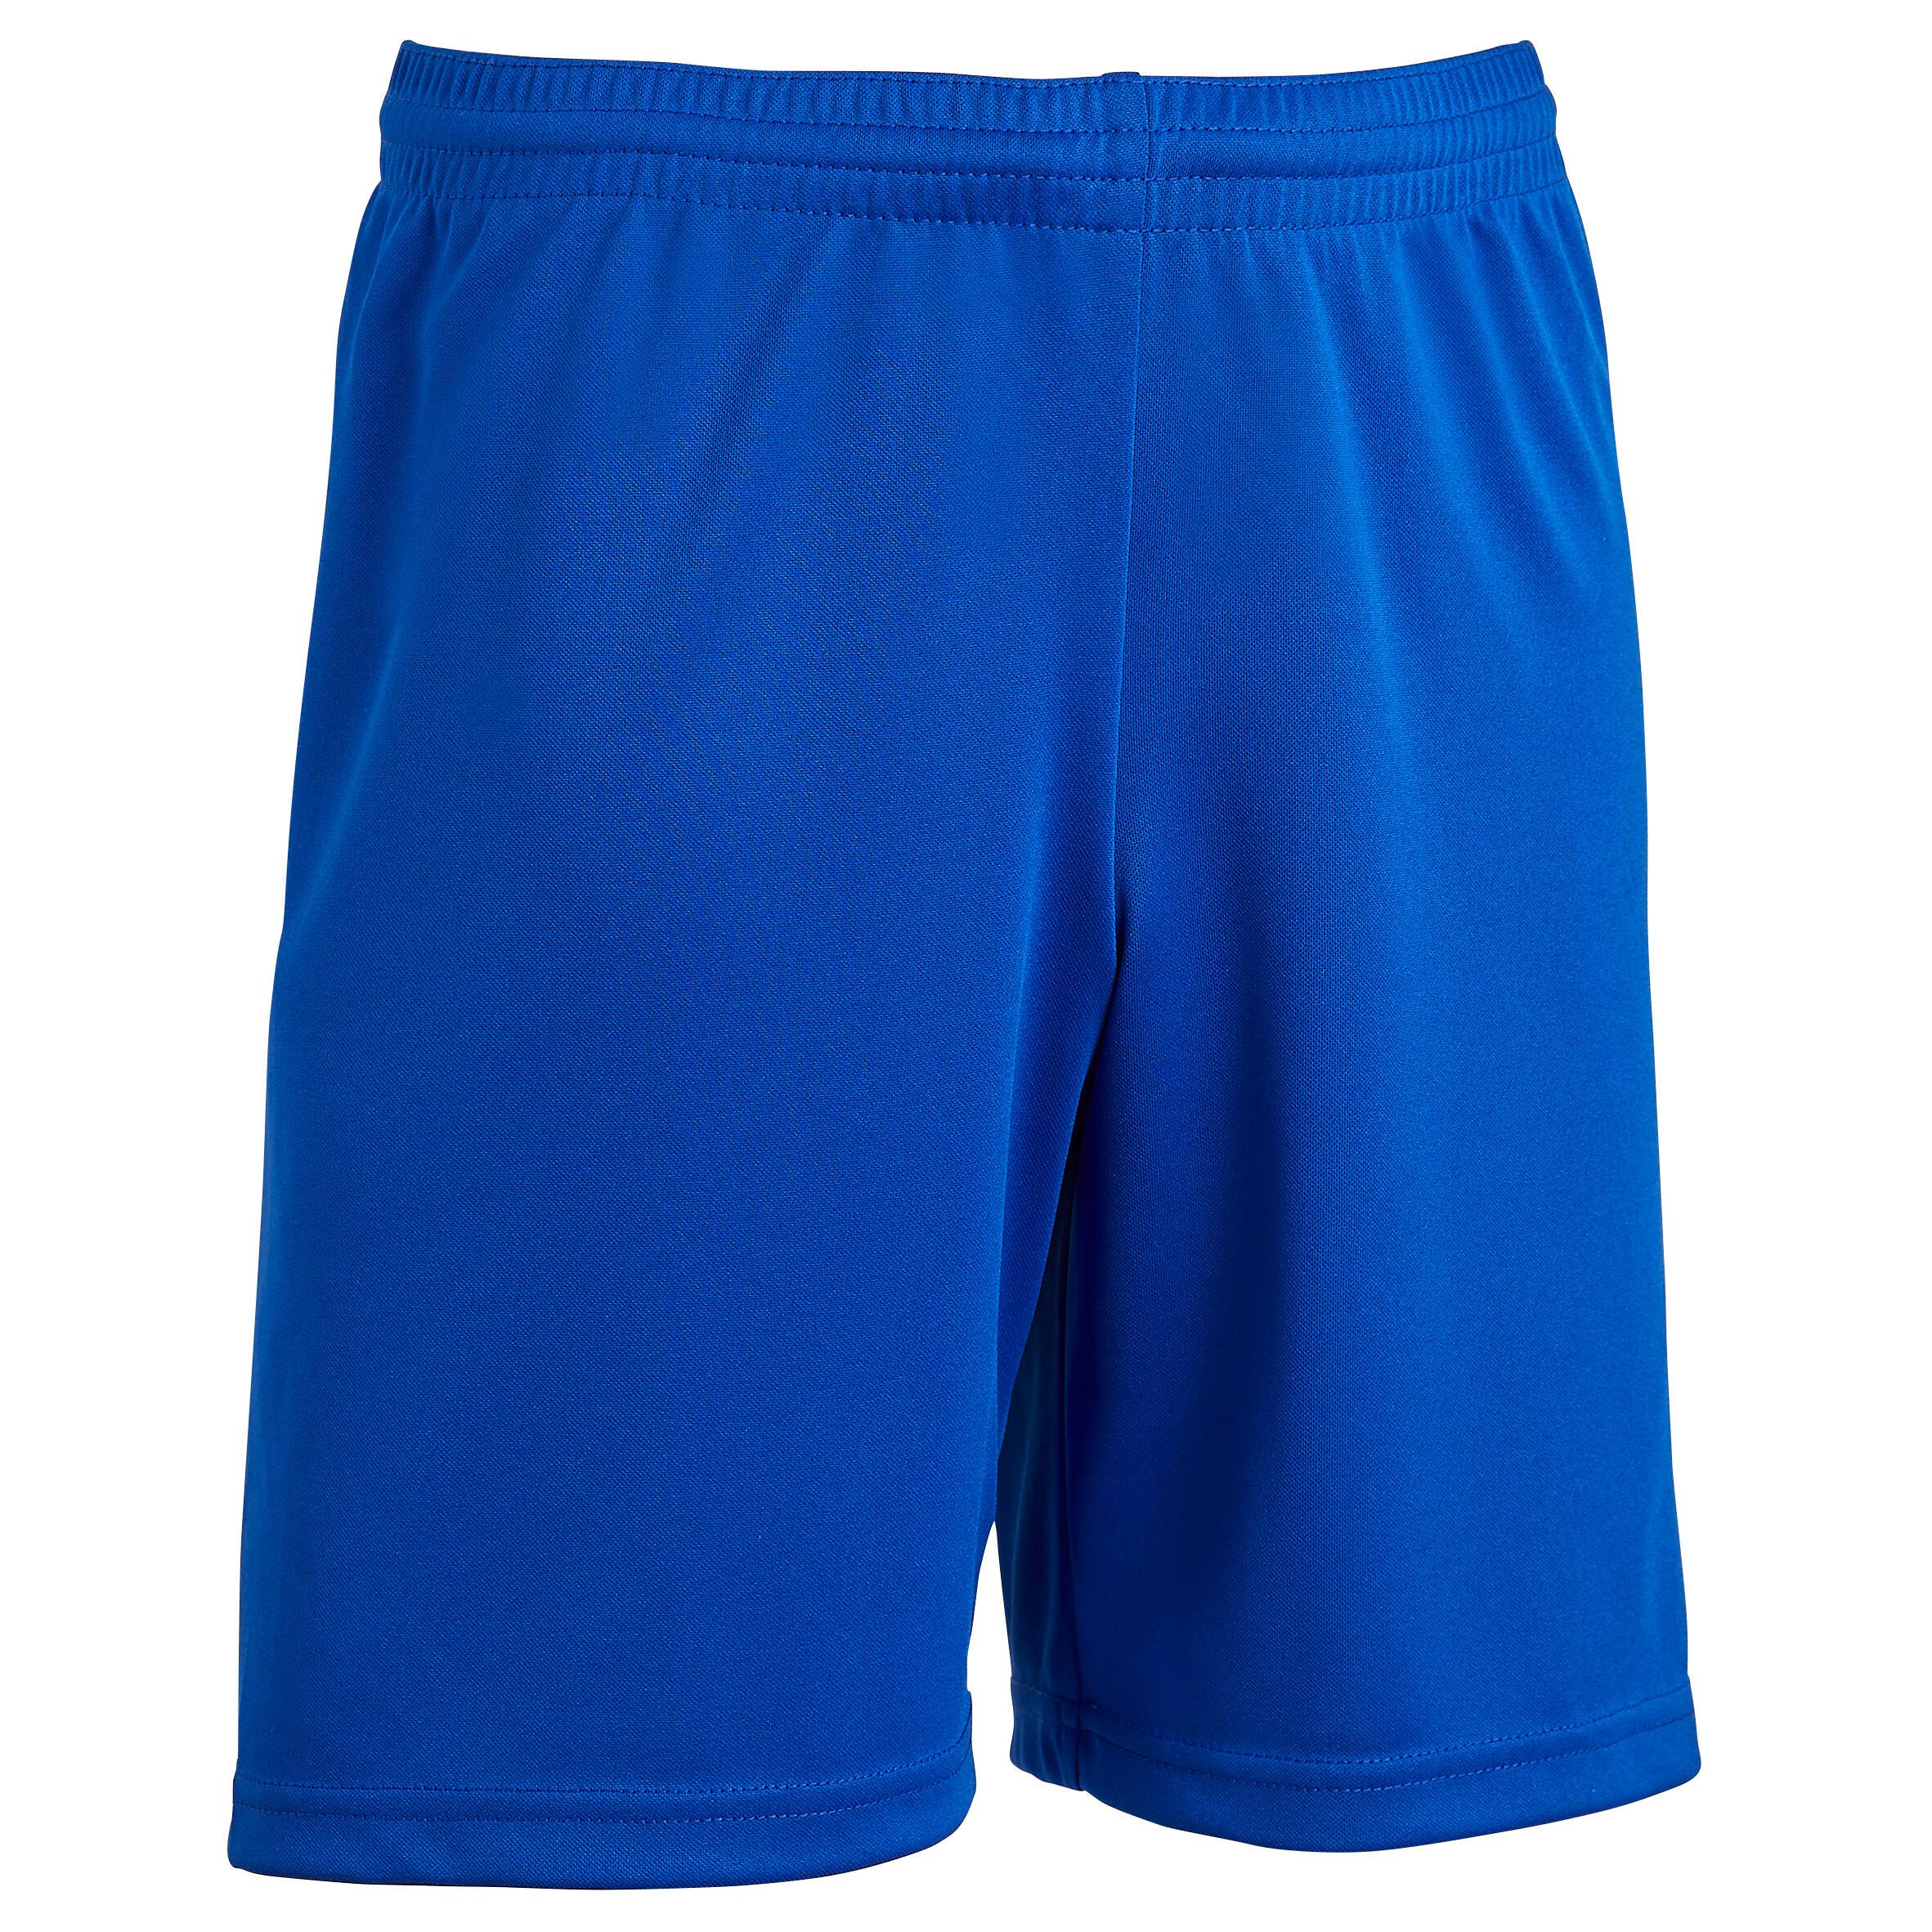 920f0eef5ffa7a Goedkope voetbalkleding van clubs en voetbalshops